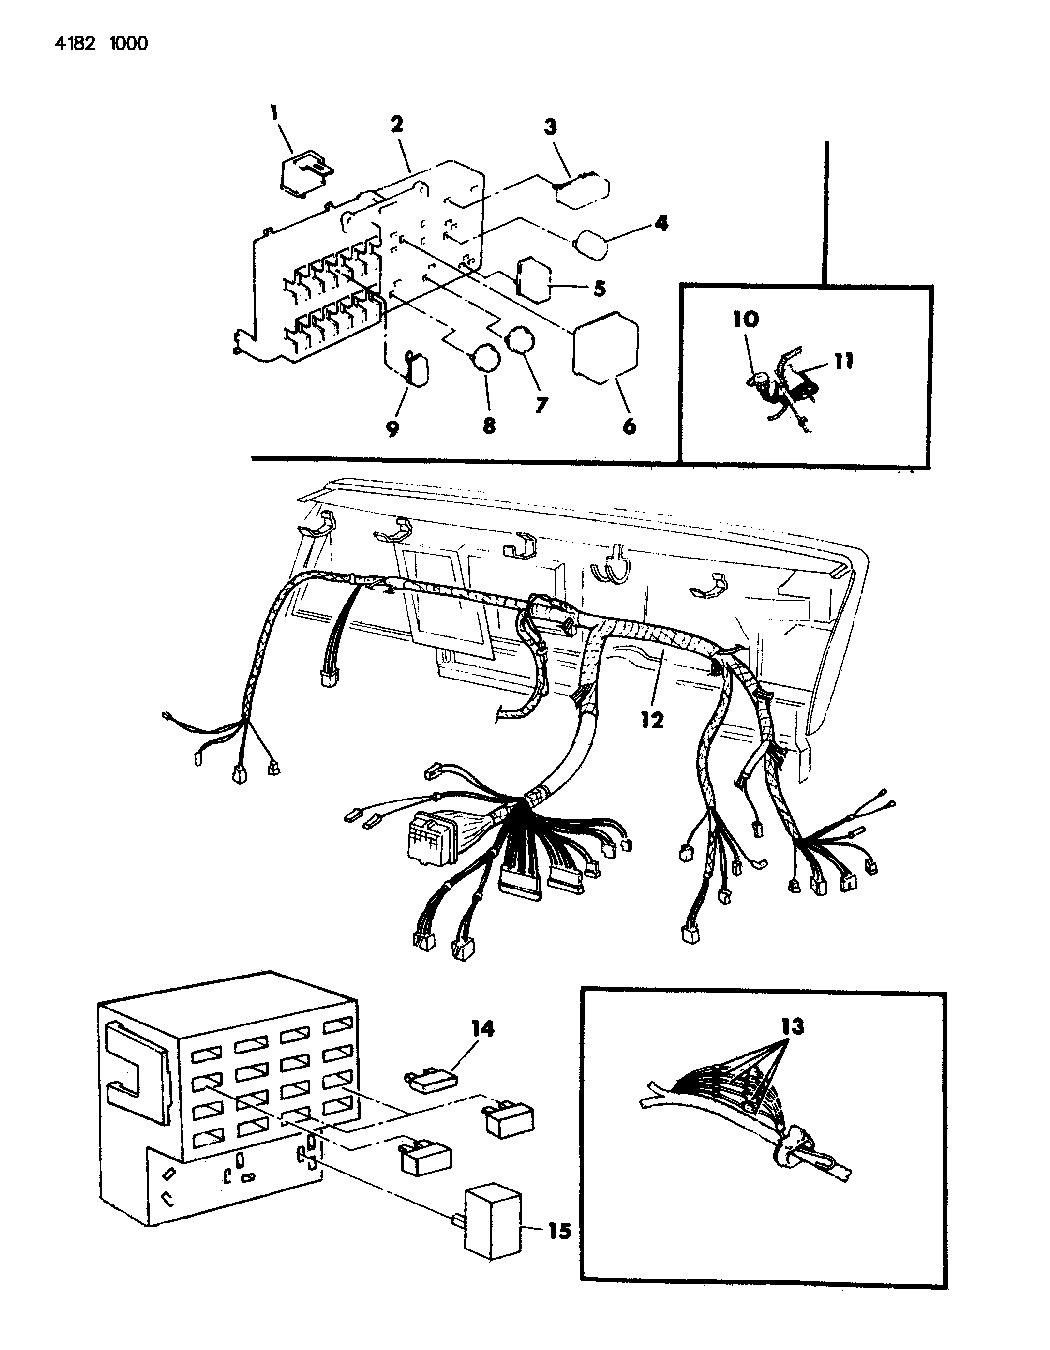 1984 chrysler lebaron instrument panel wiring